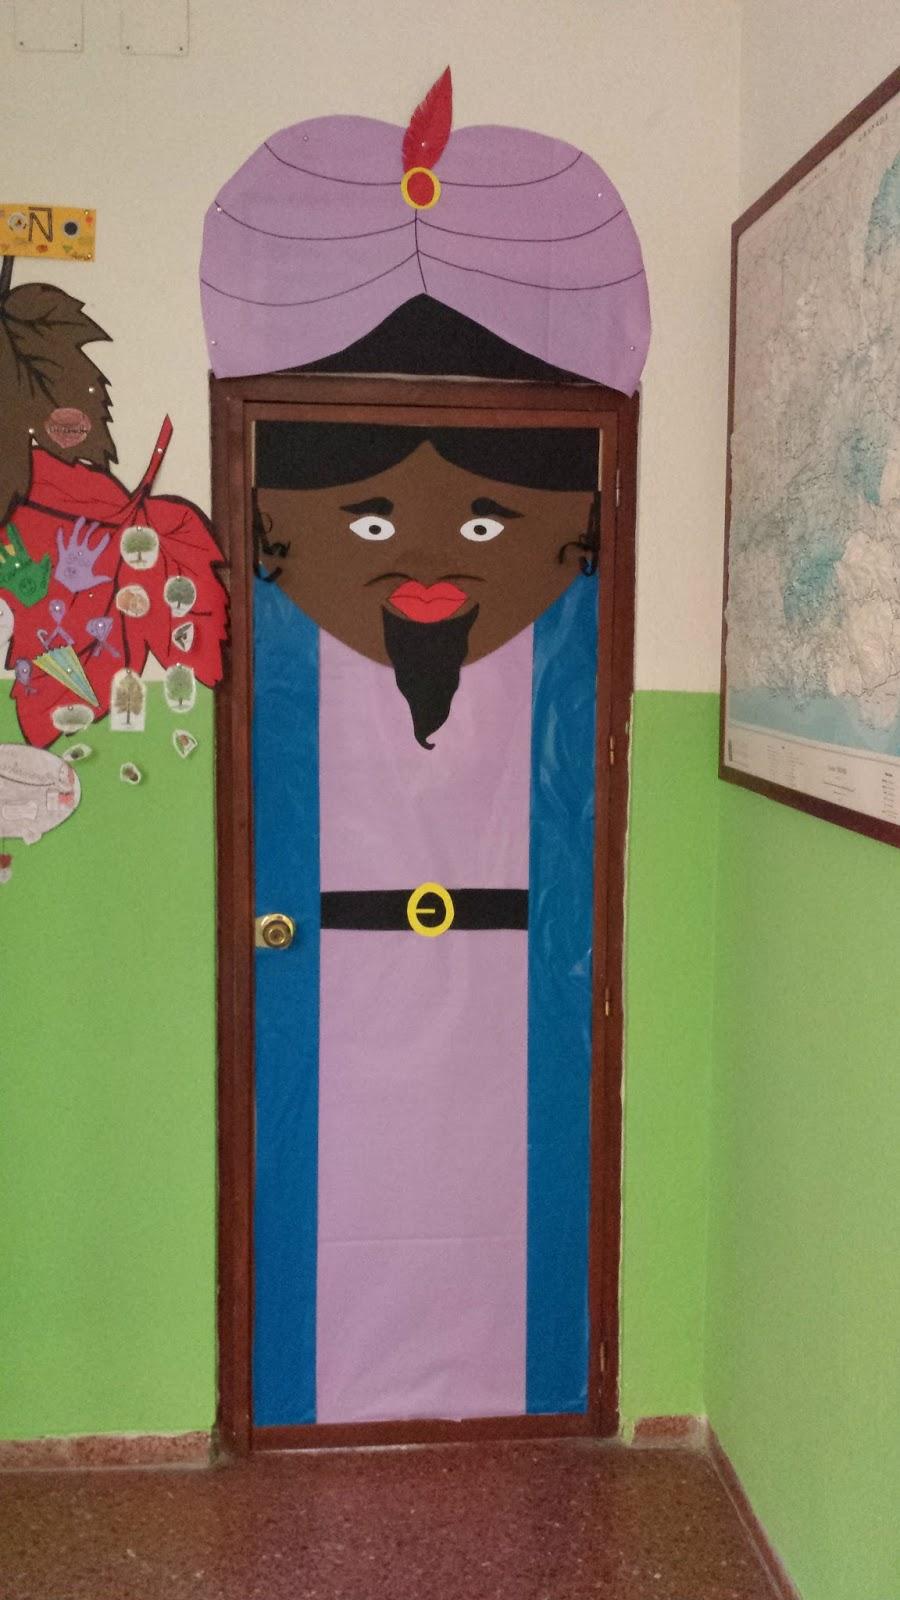 Ceip virgen del carmen decoraci n de puertas navide as en for Decoracion de puertas de colegio